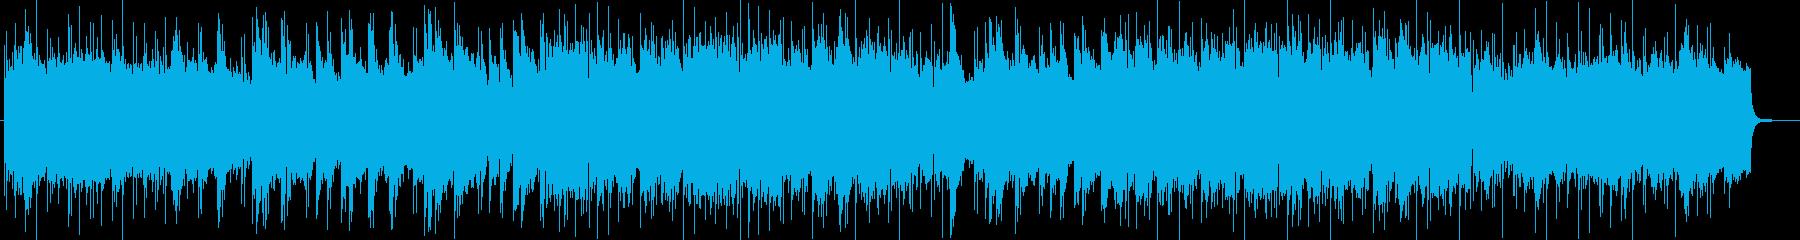 幻想的なヒーリングで効果のあるサウンドの再生済みの波形